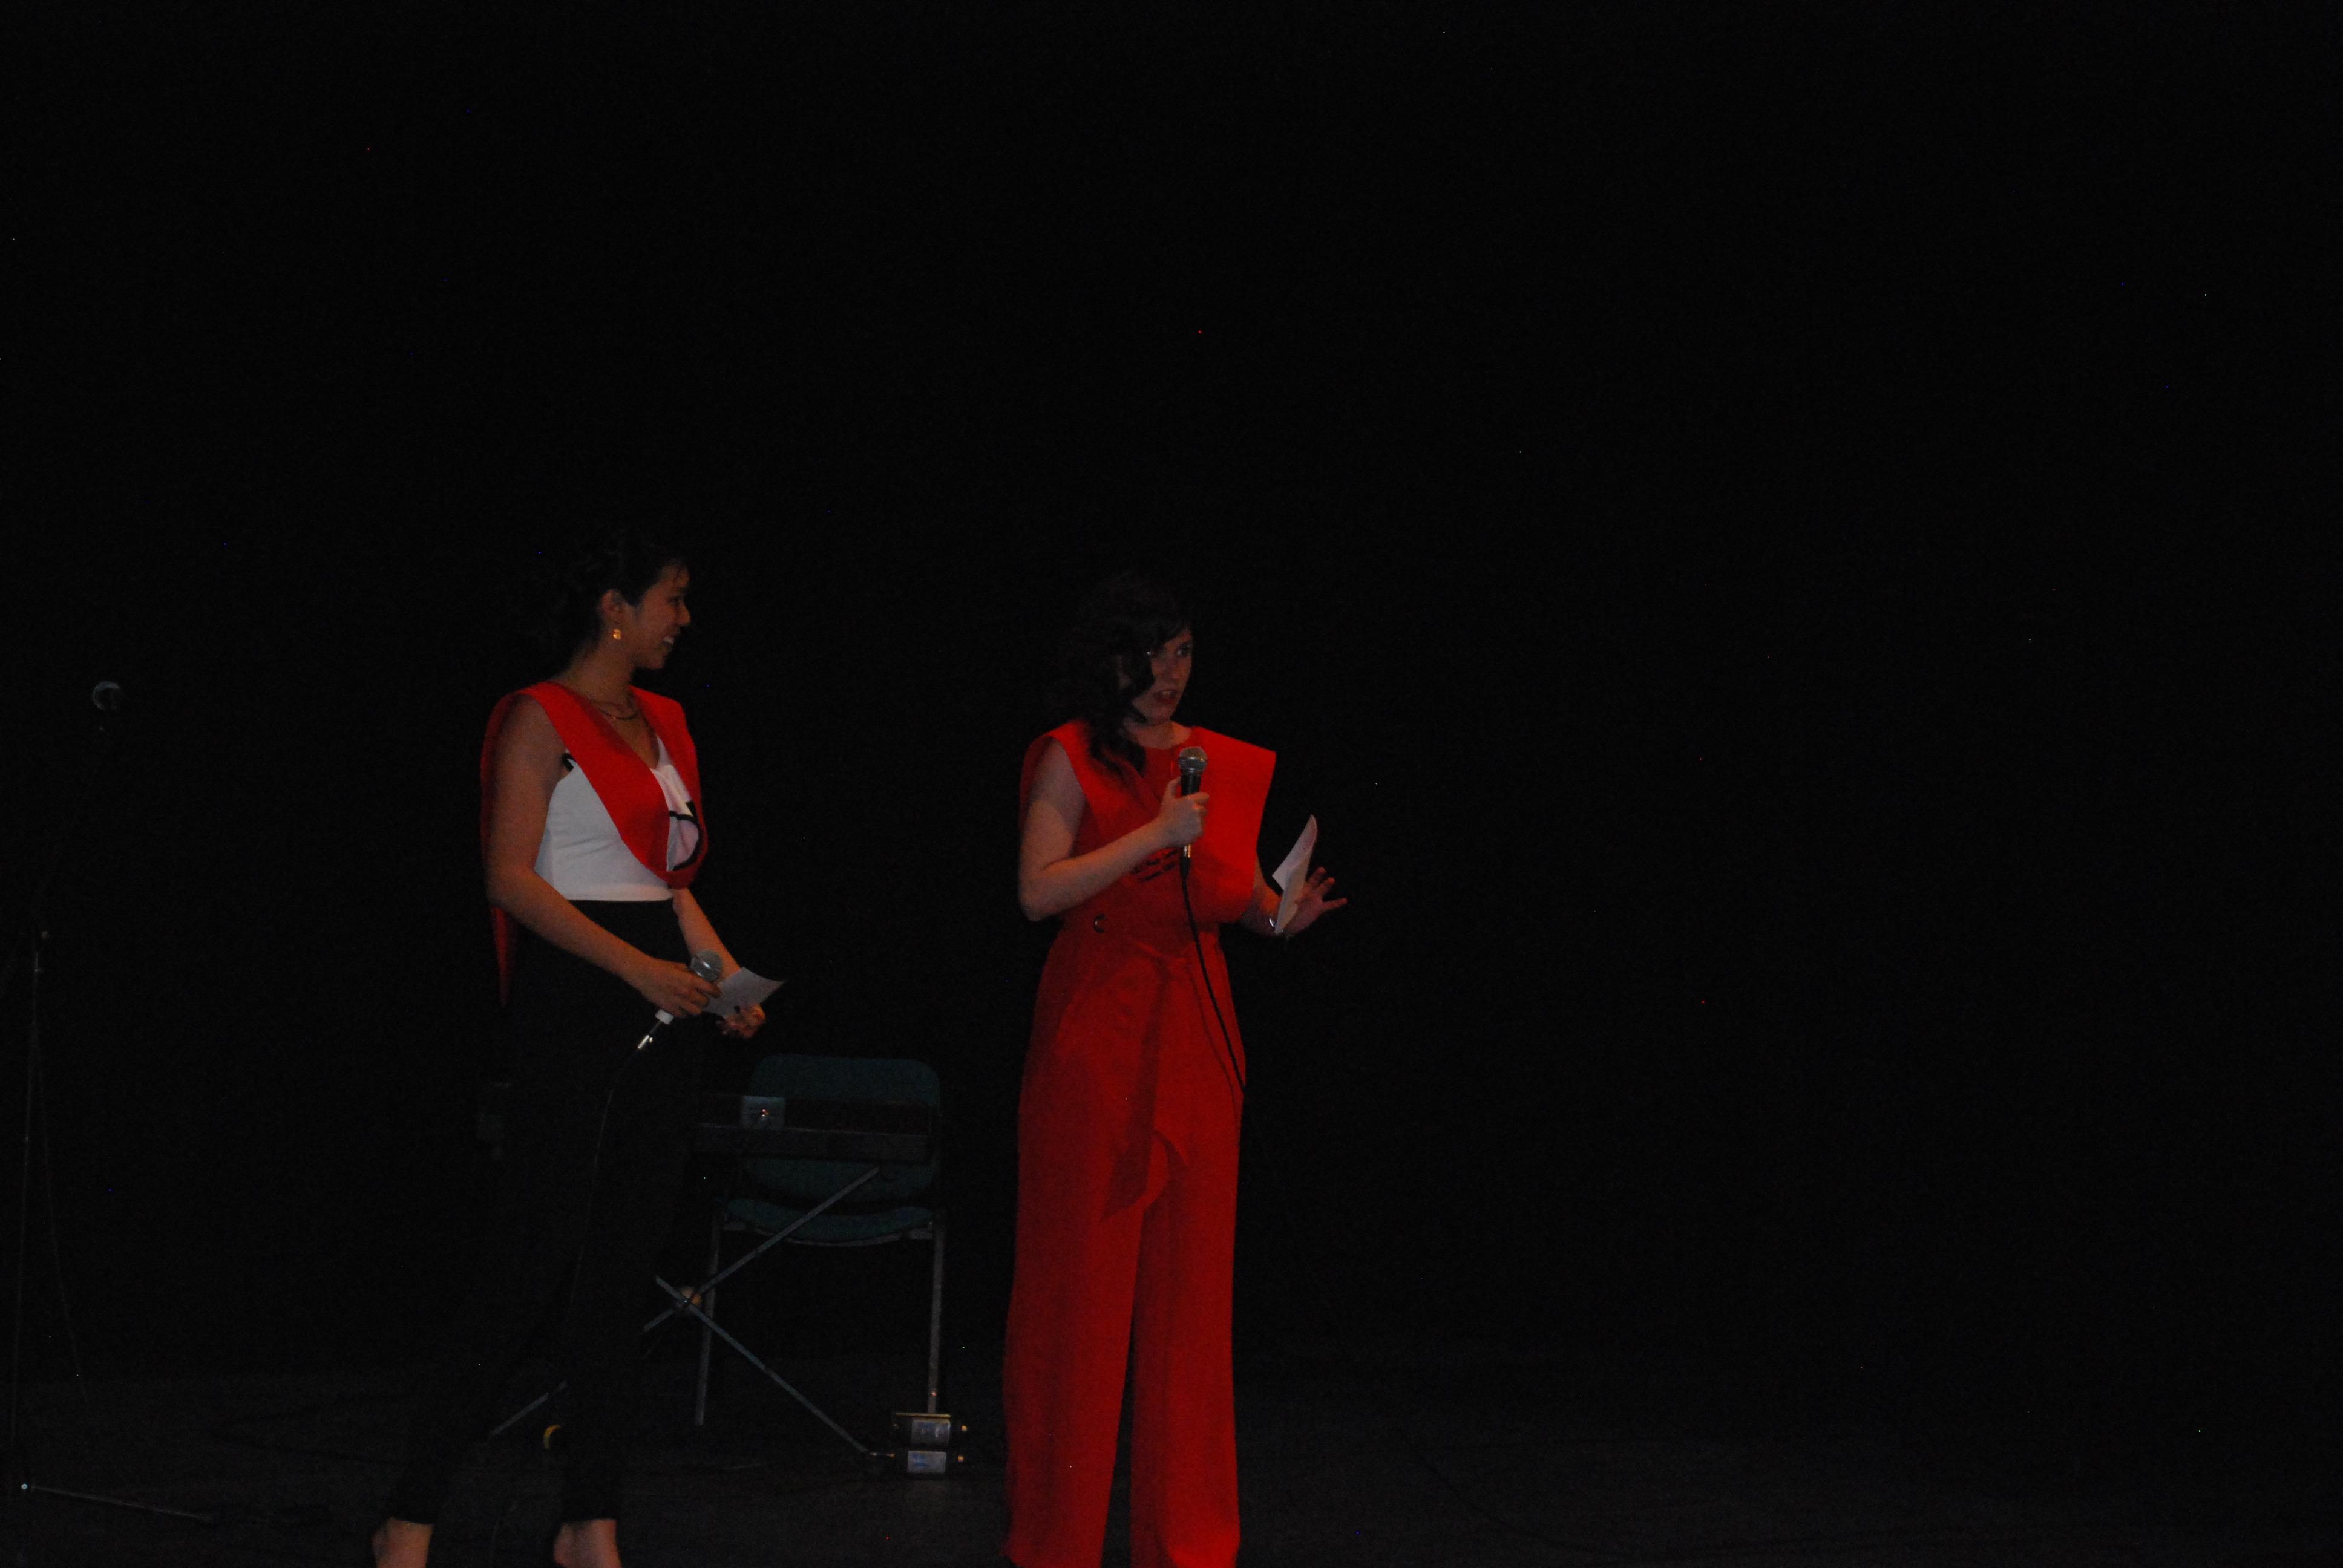 Graduación - 2º Bachillerato - Curso 2017/18 - Álbum # 5 40